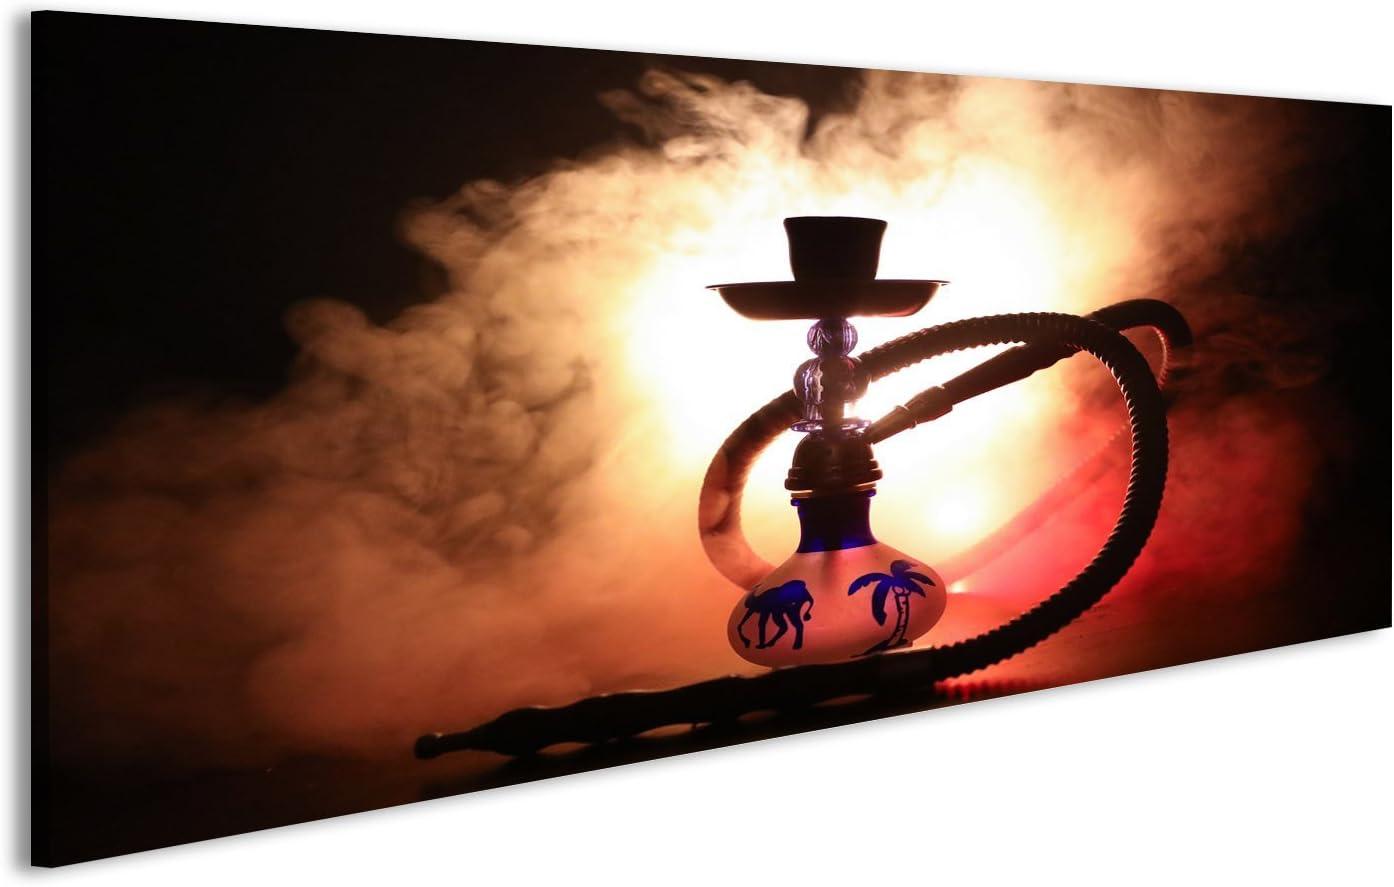 islandburner Cuadro Hookah brasas en el cuenco de shisha con fondo negro. Elegante shisha oriental Shisha Concept Impresión sobre lienzo - Formato Grande - Cuadros modernos JRR